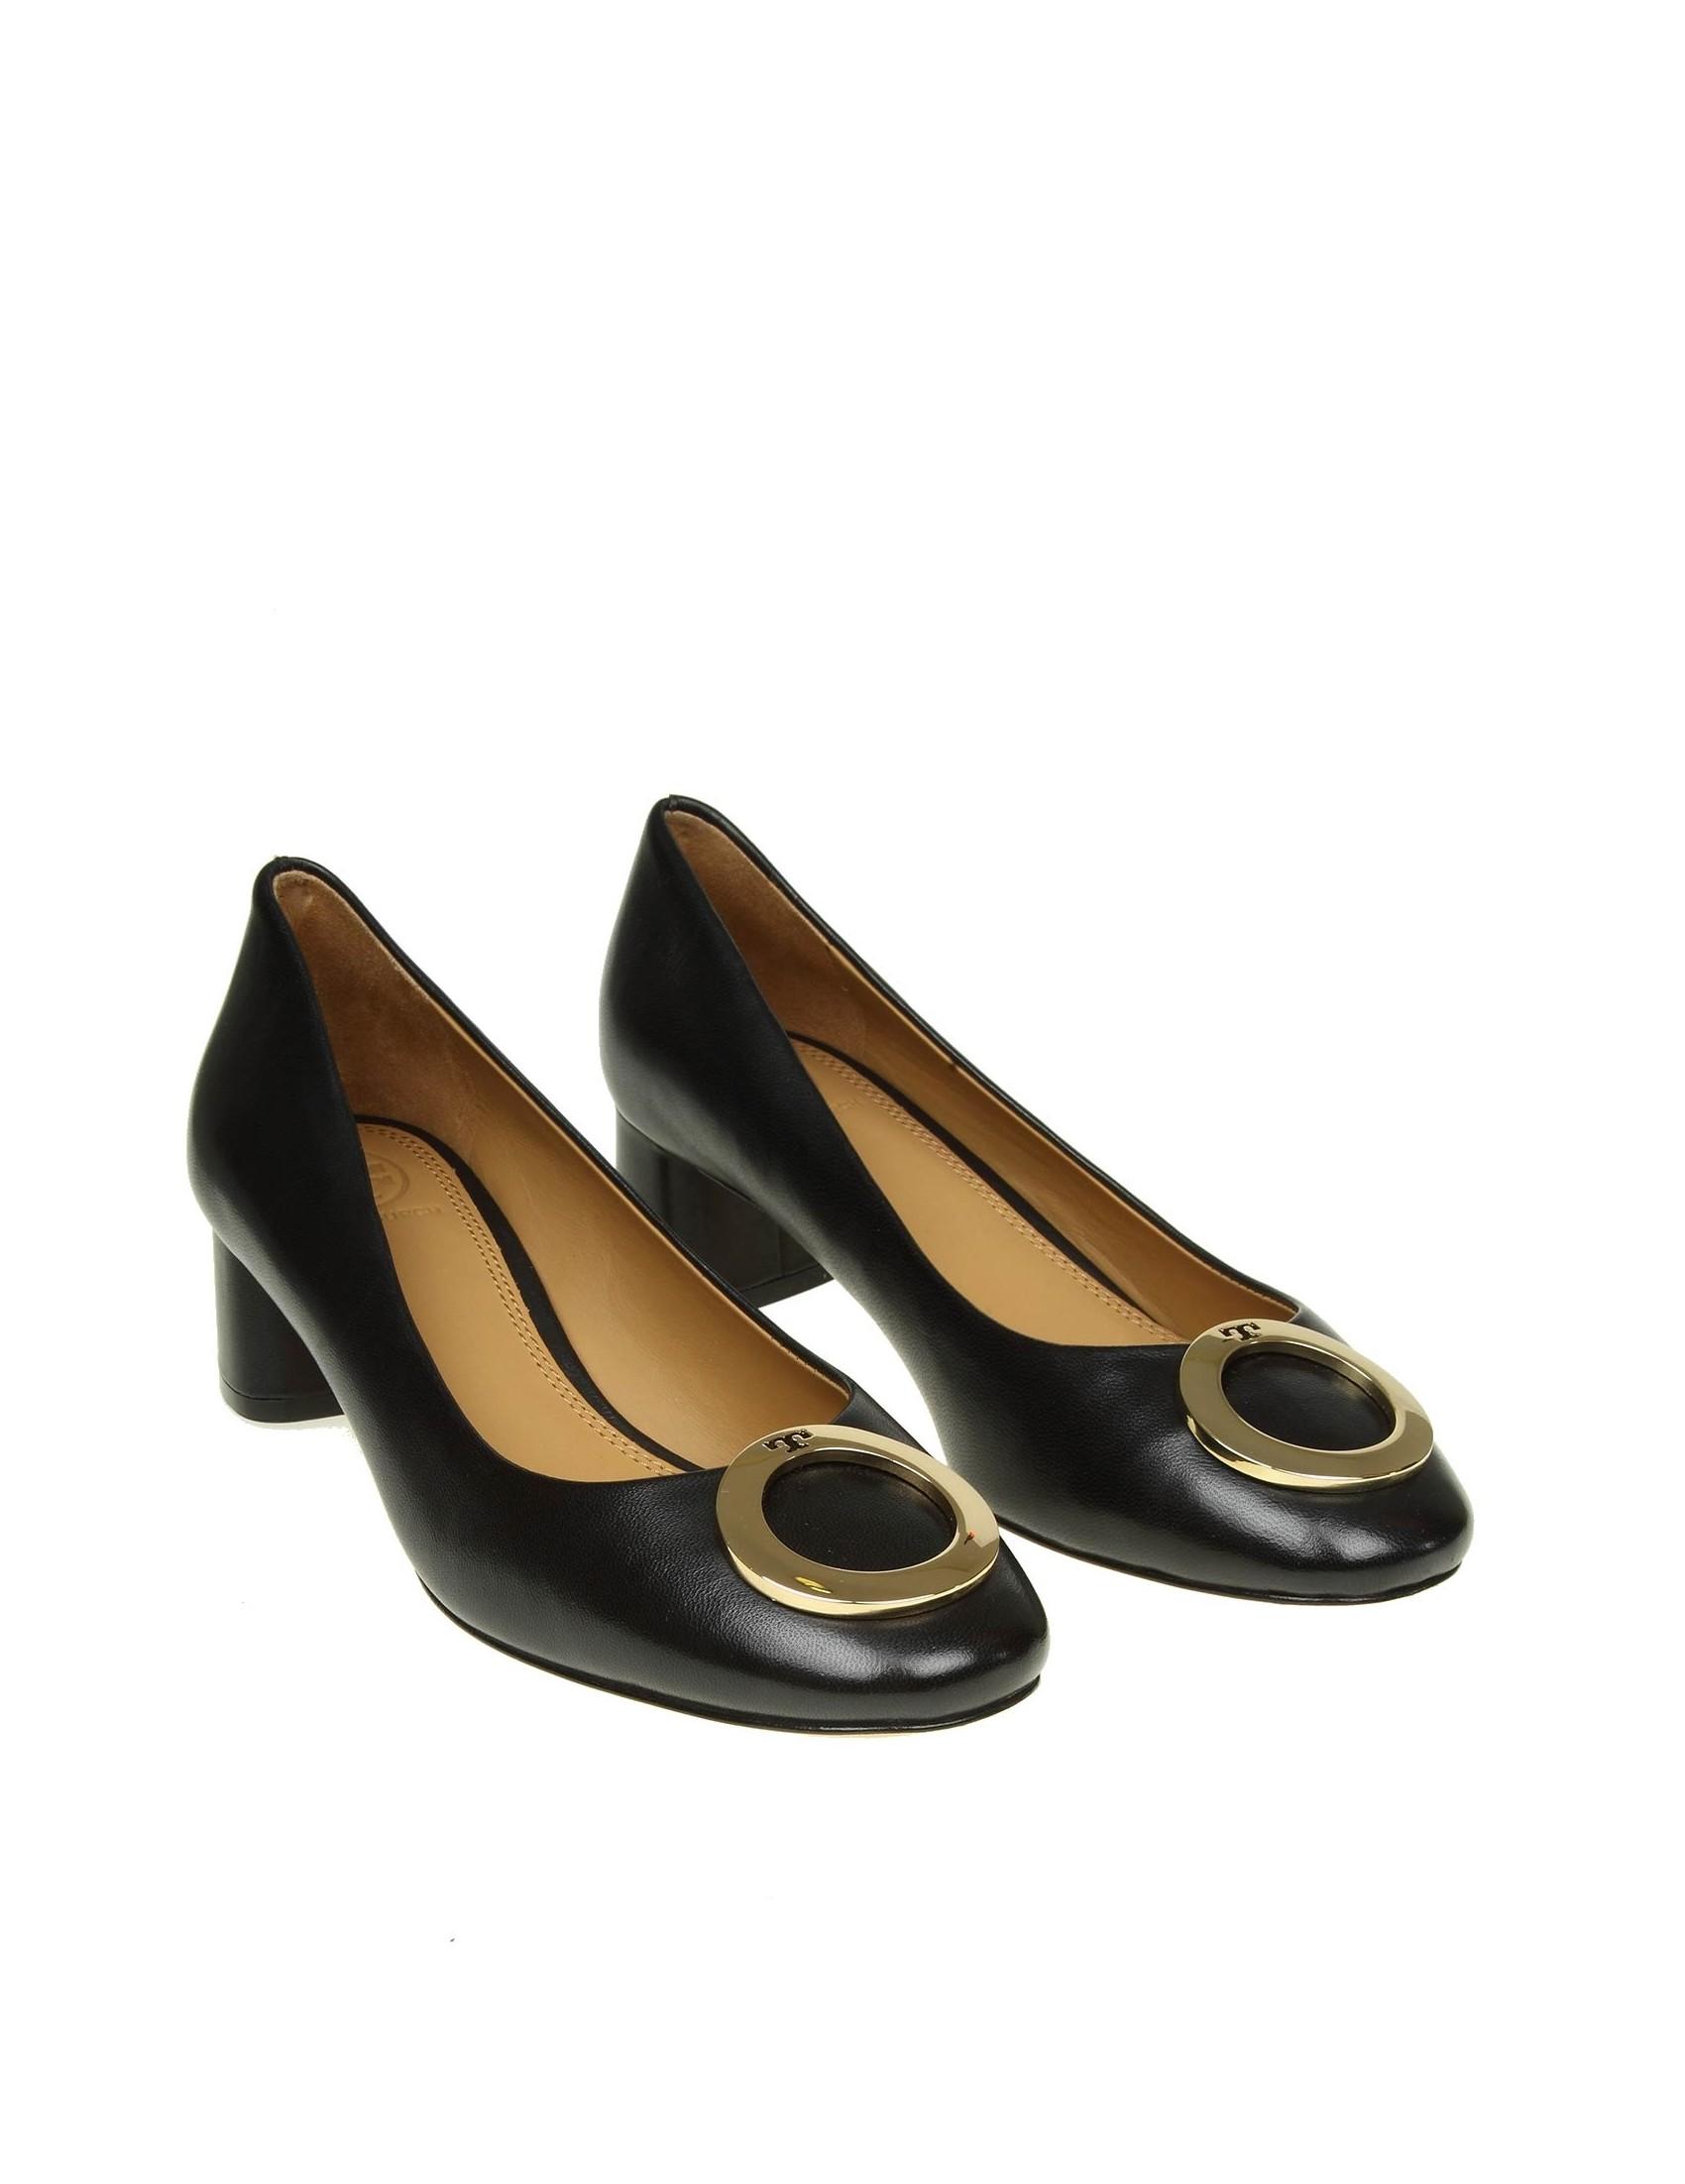 5136c688f97a tory-burch-caterina-ballerina-in-black-leather.jpg